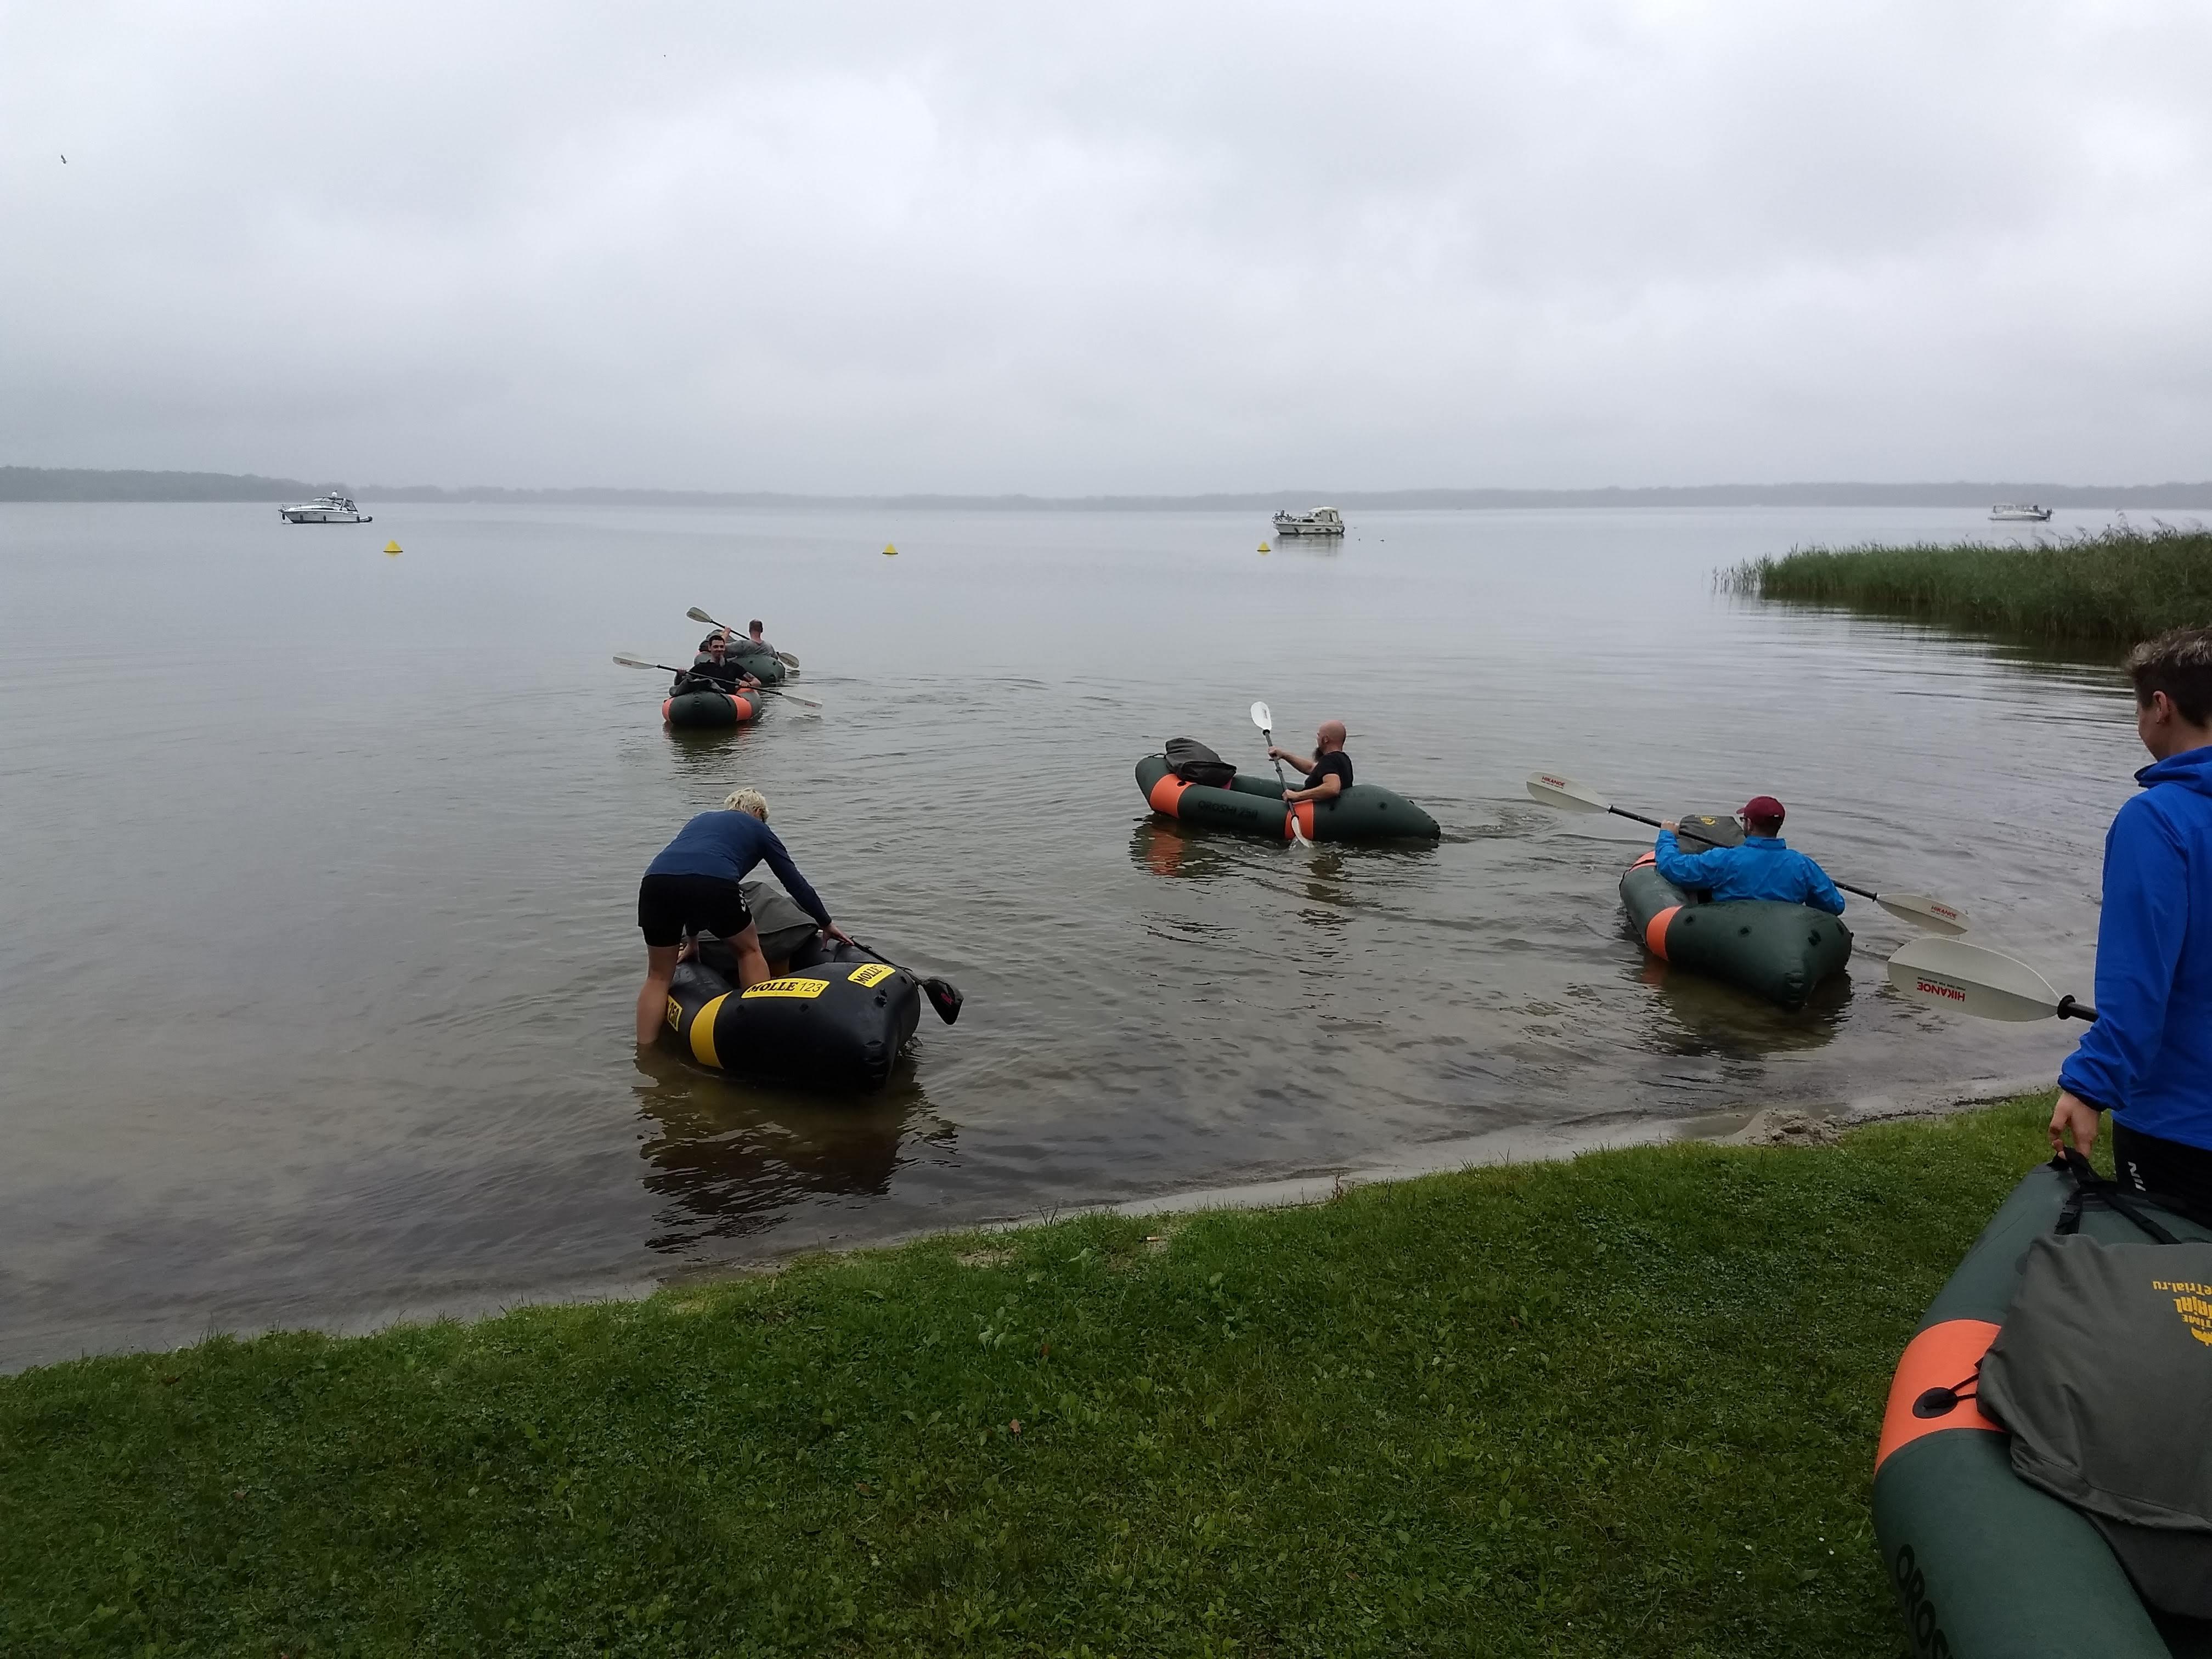 Einsetzen der Packrafts in den See